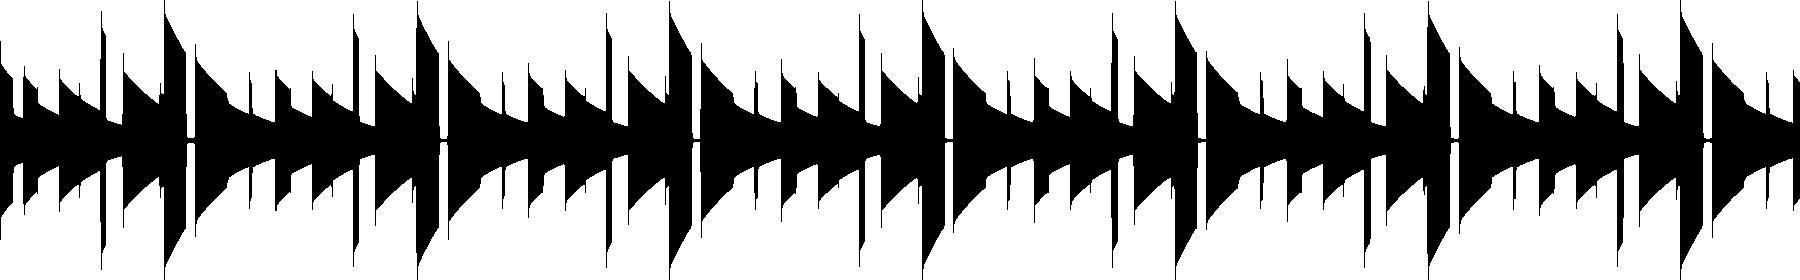 veh2 synths   018 c